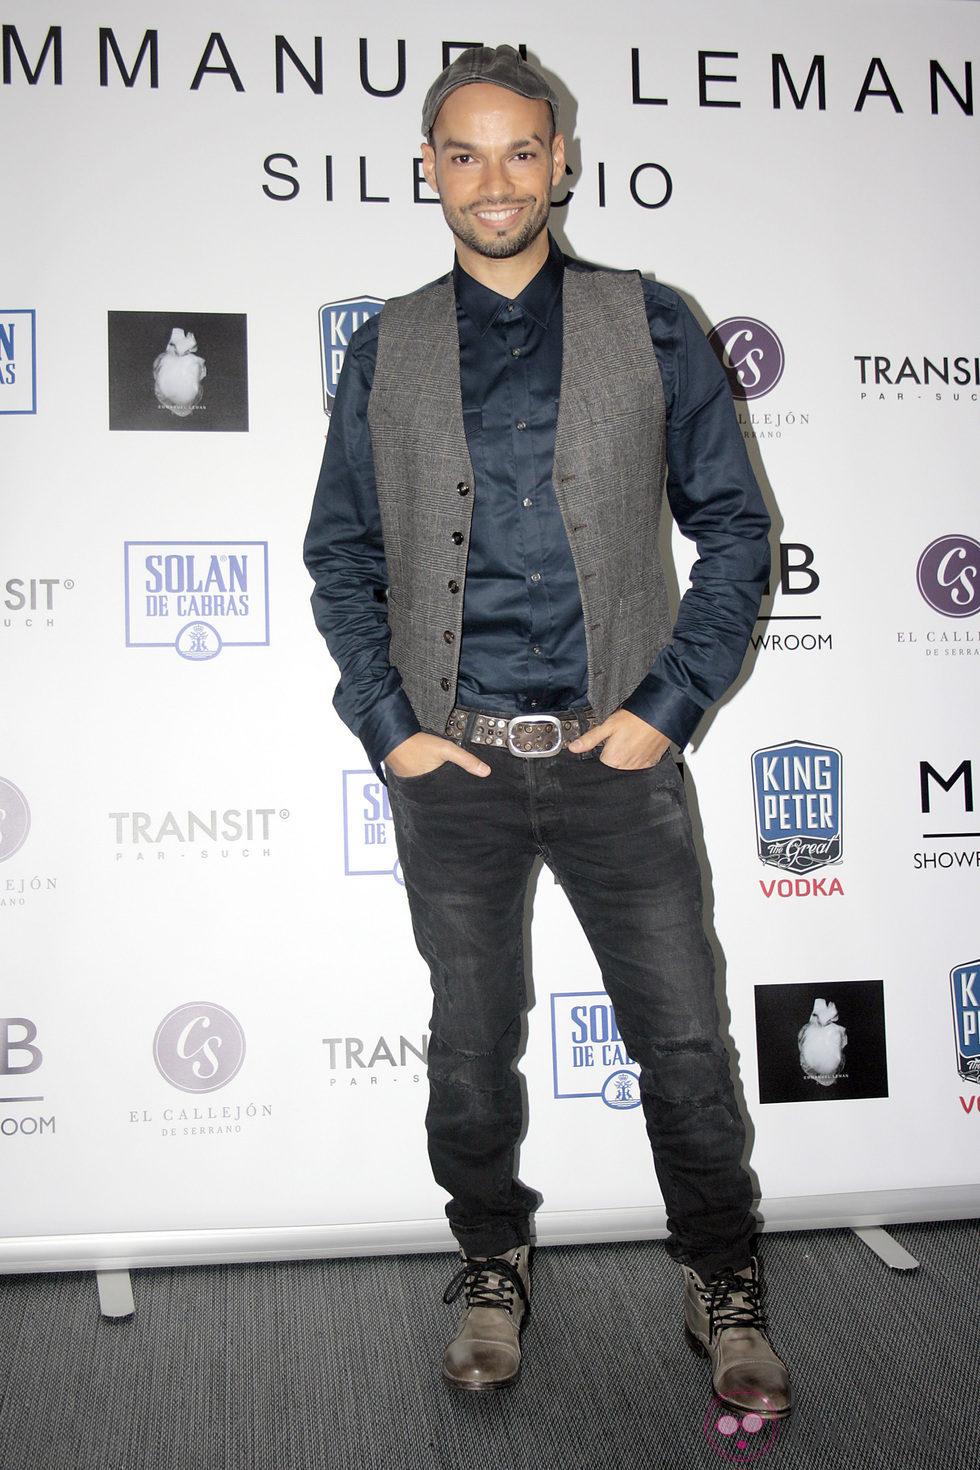 Paco Arrojo en la presentación del single de Emmanuel Leman 'Silencio'